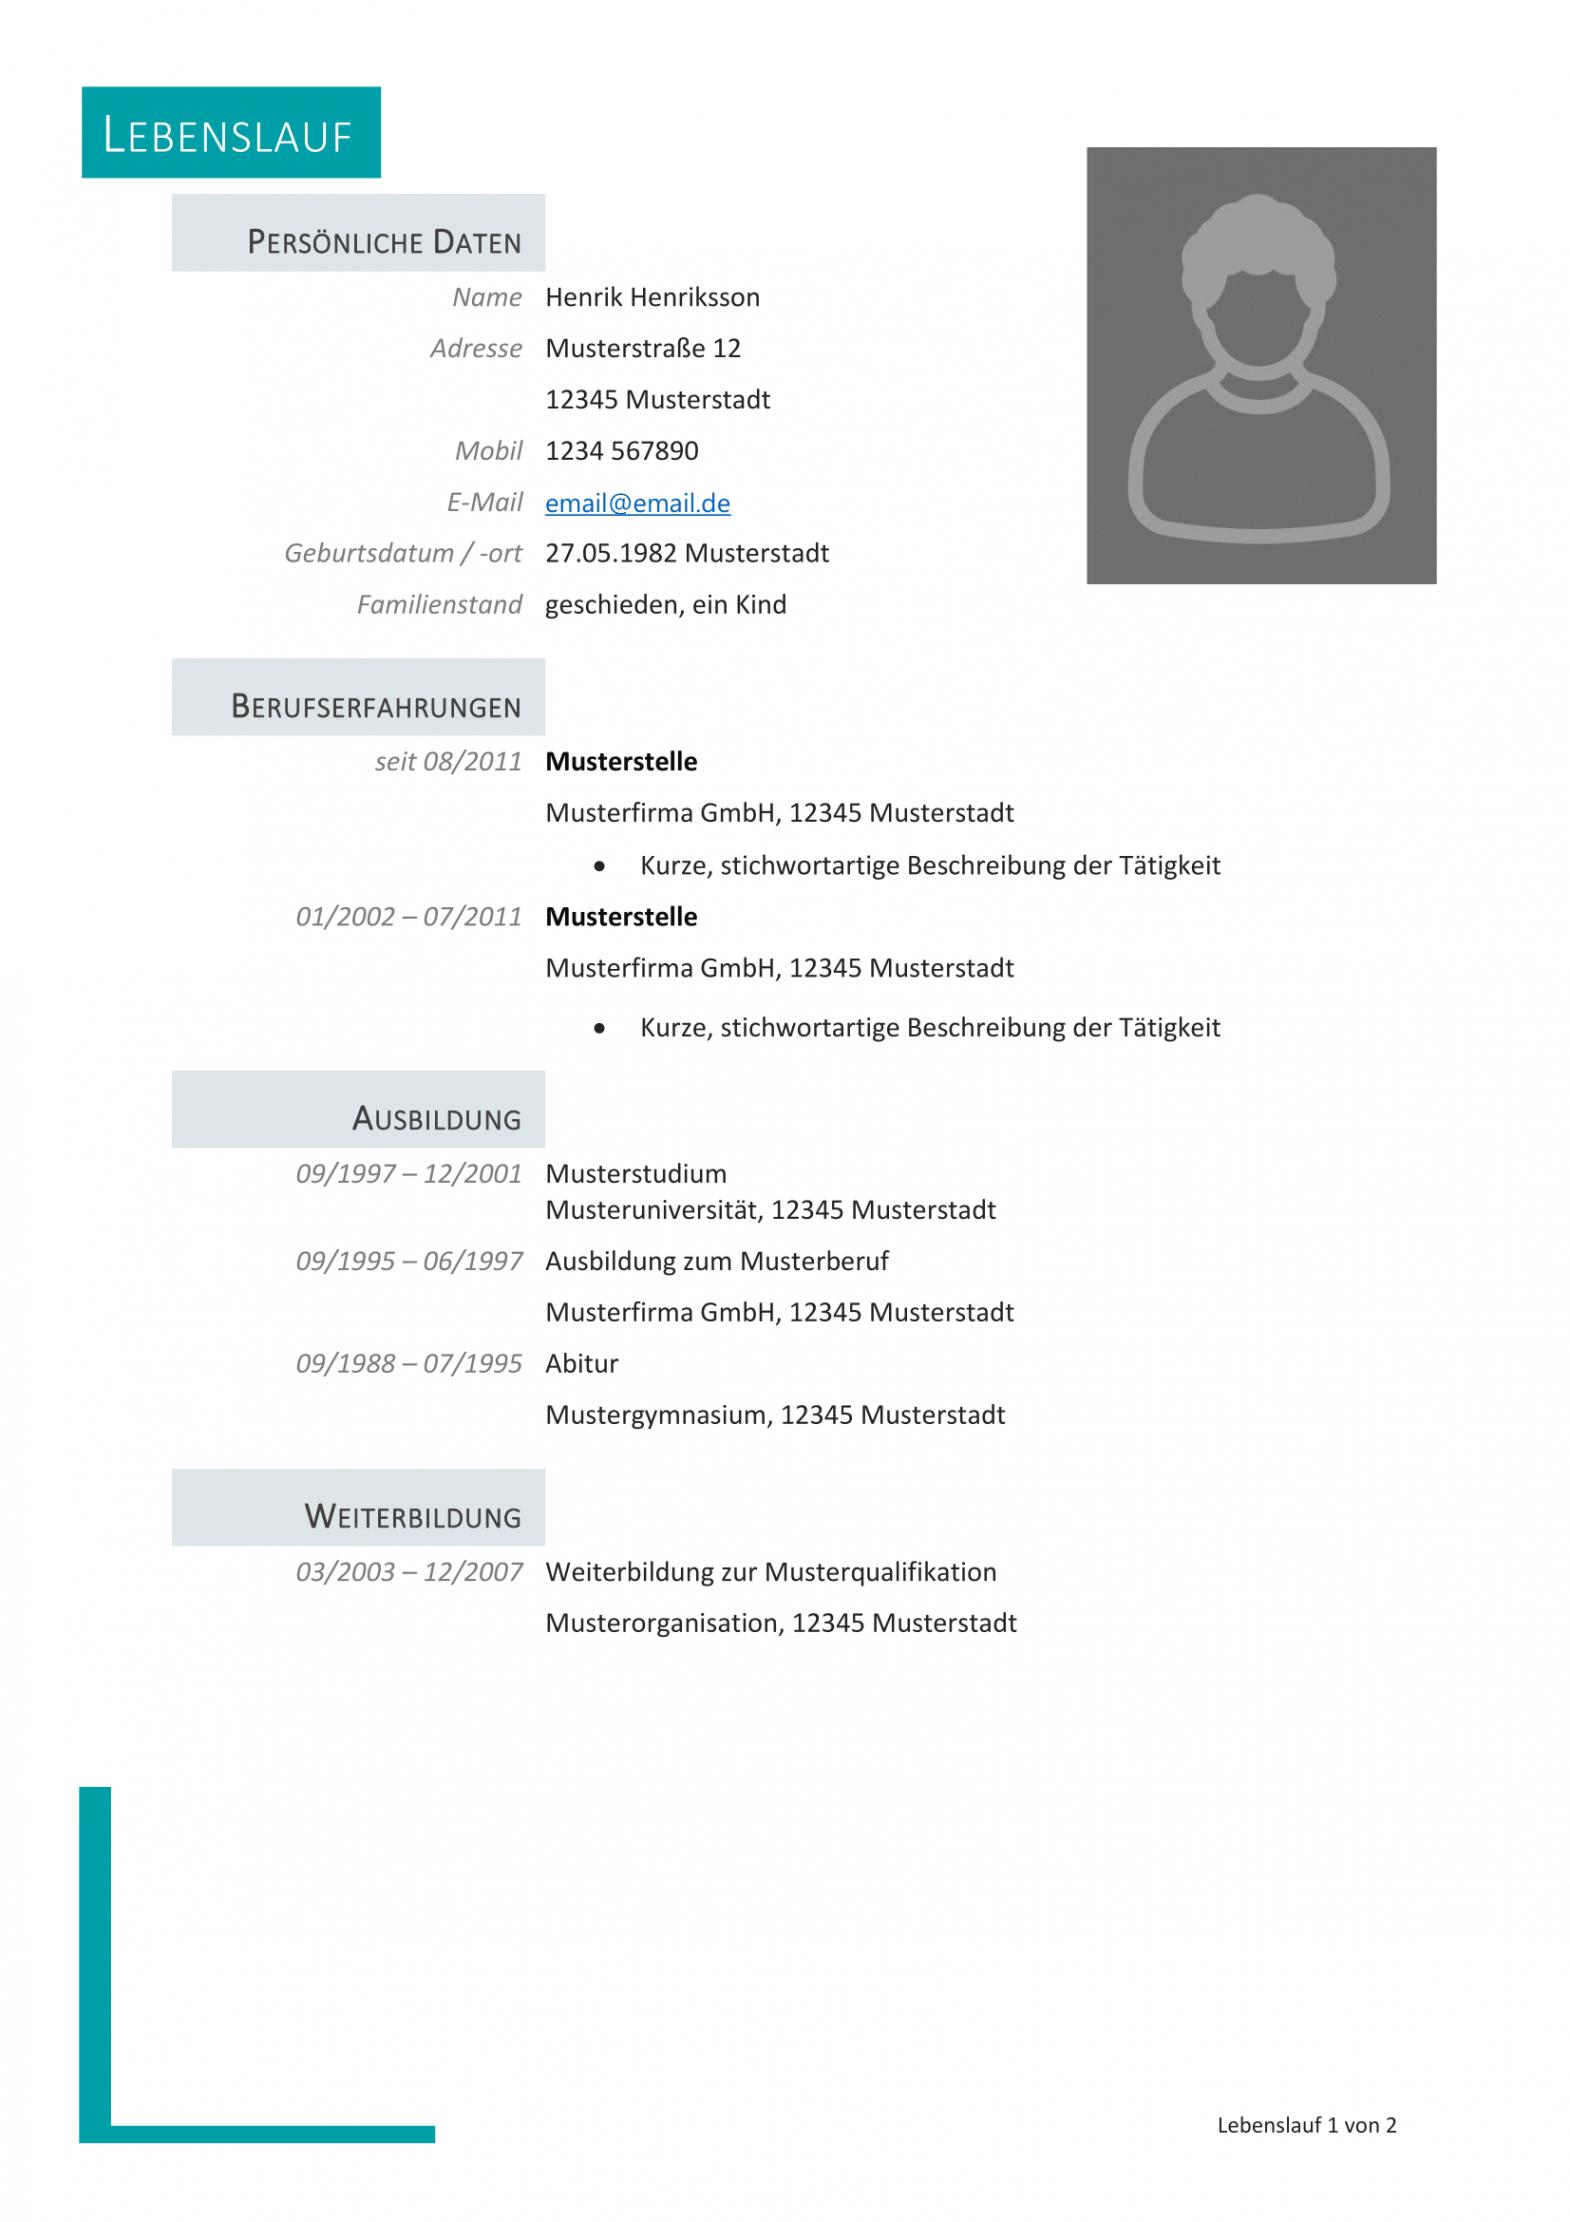 Porbe von  Kostenlose Lebenslauf Muster Und Vorlagen Für Deine Bewerbung 2018 Lebenslauf Vorlage Schüler Kopieren